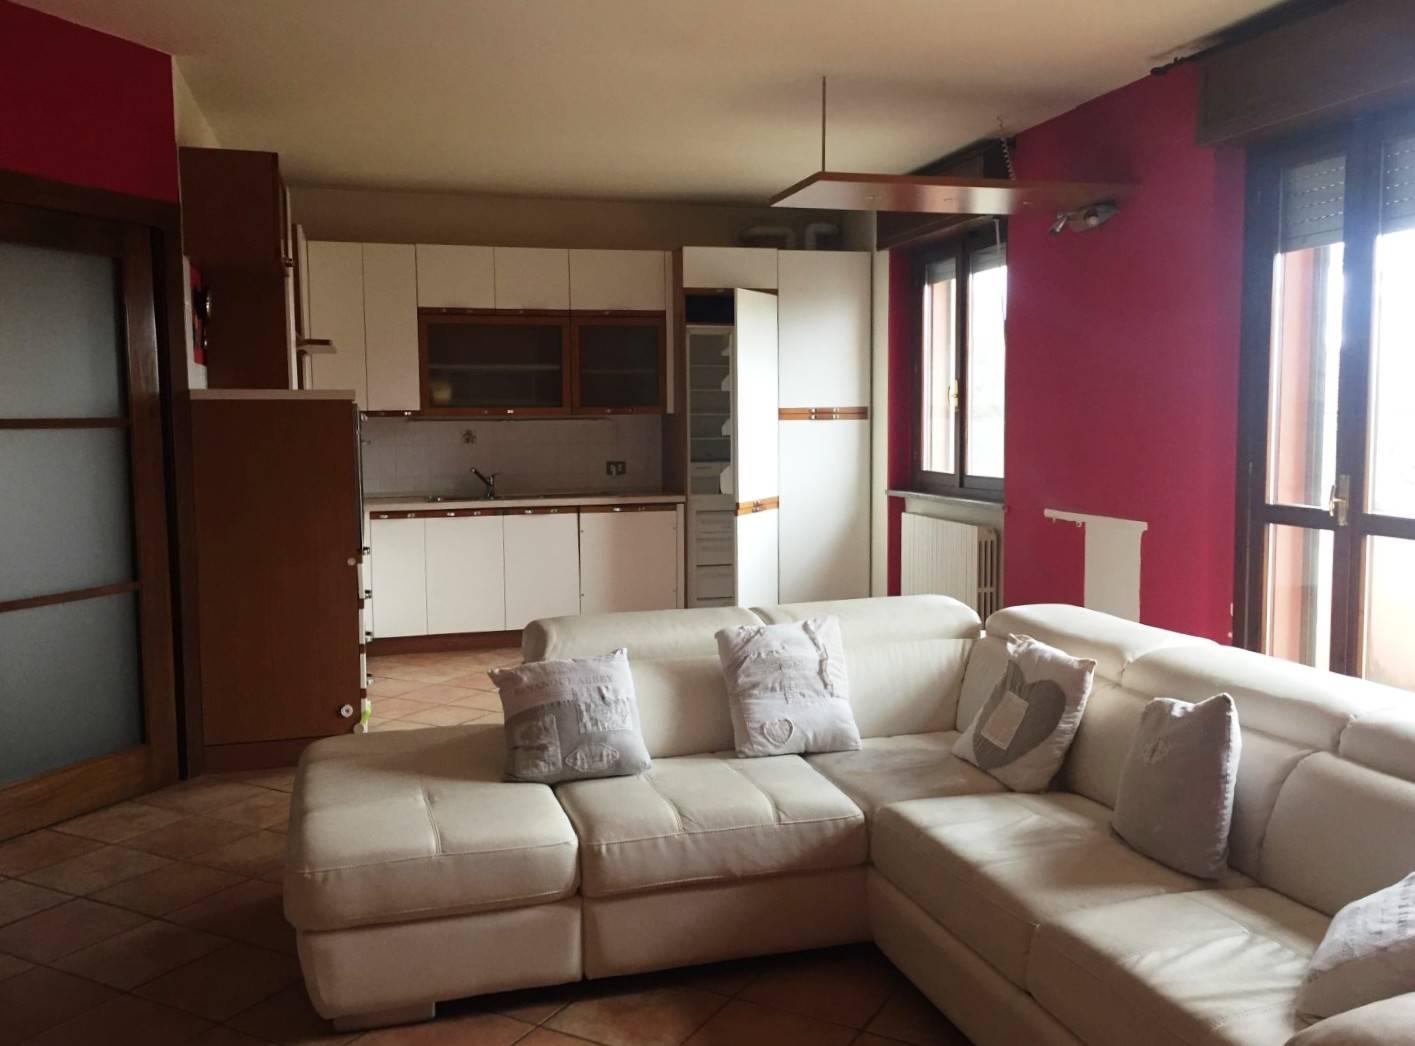 Appartamento in vendita a Rivanazzano, 4 locali, prezzo € 125.000 | PortaleAgenzieImmobiliari.it